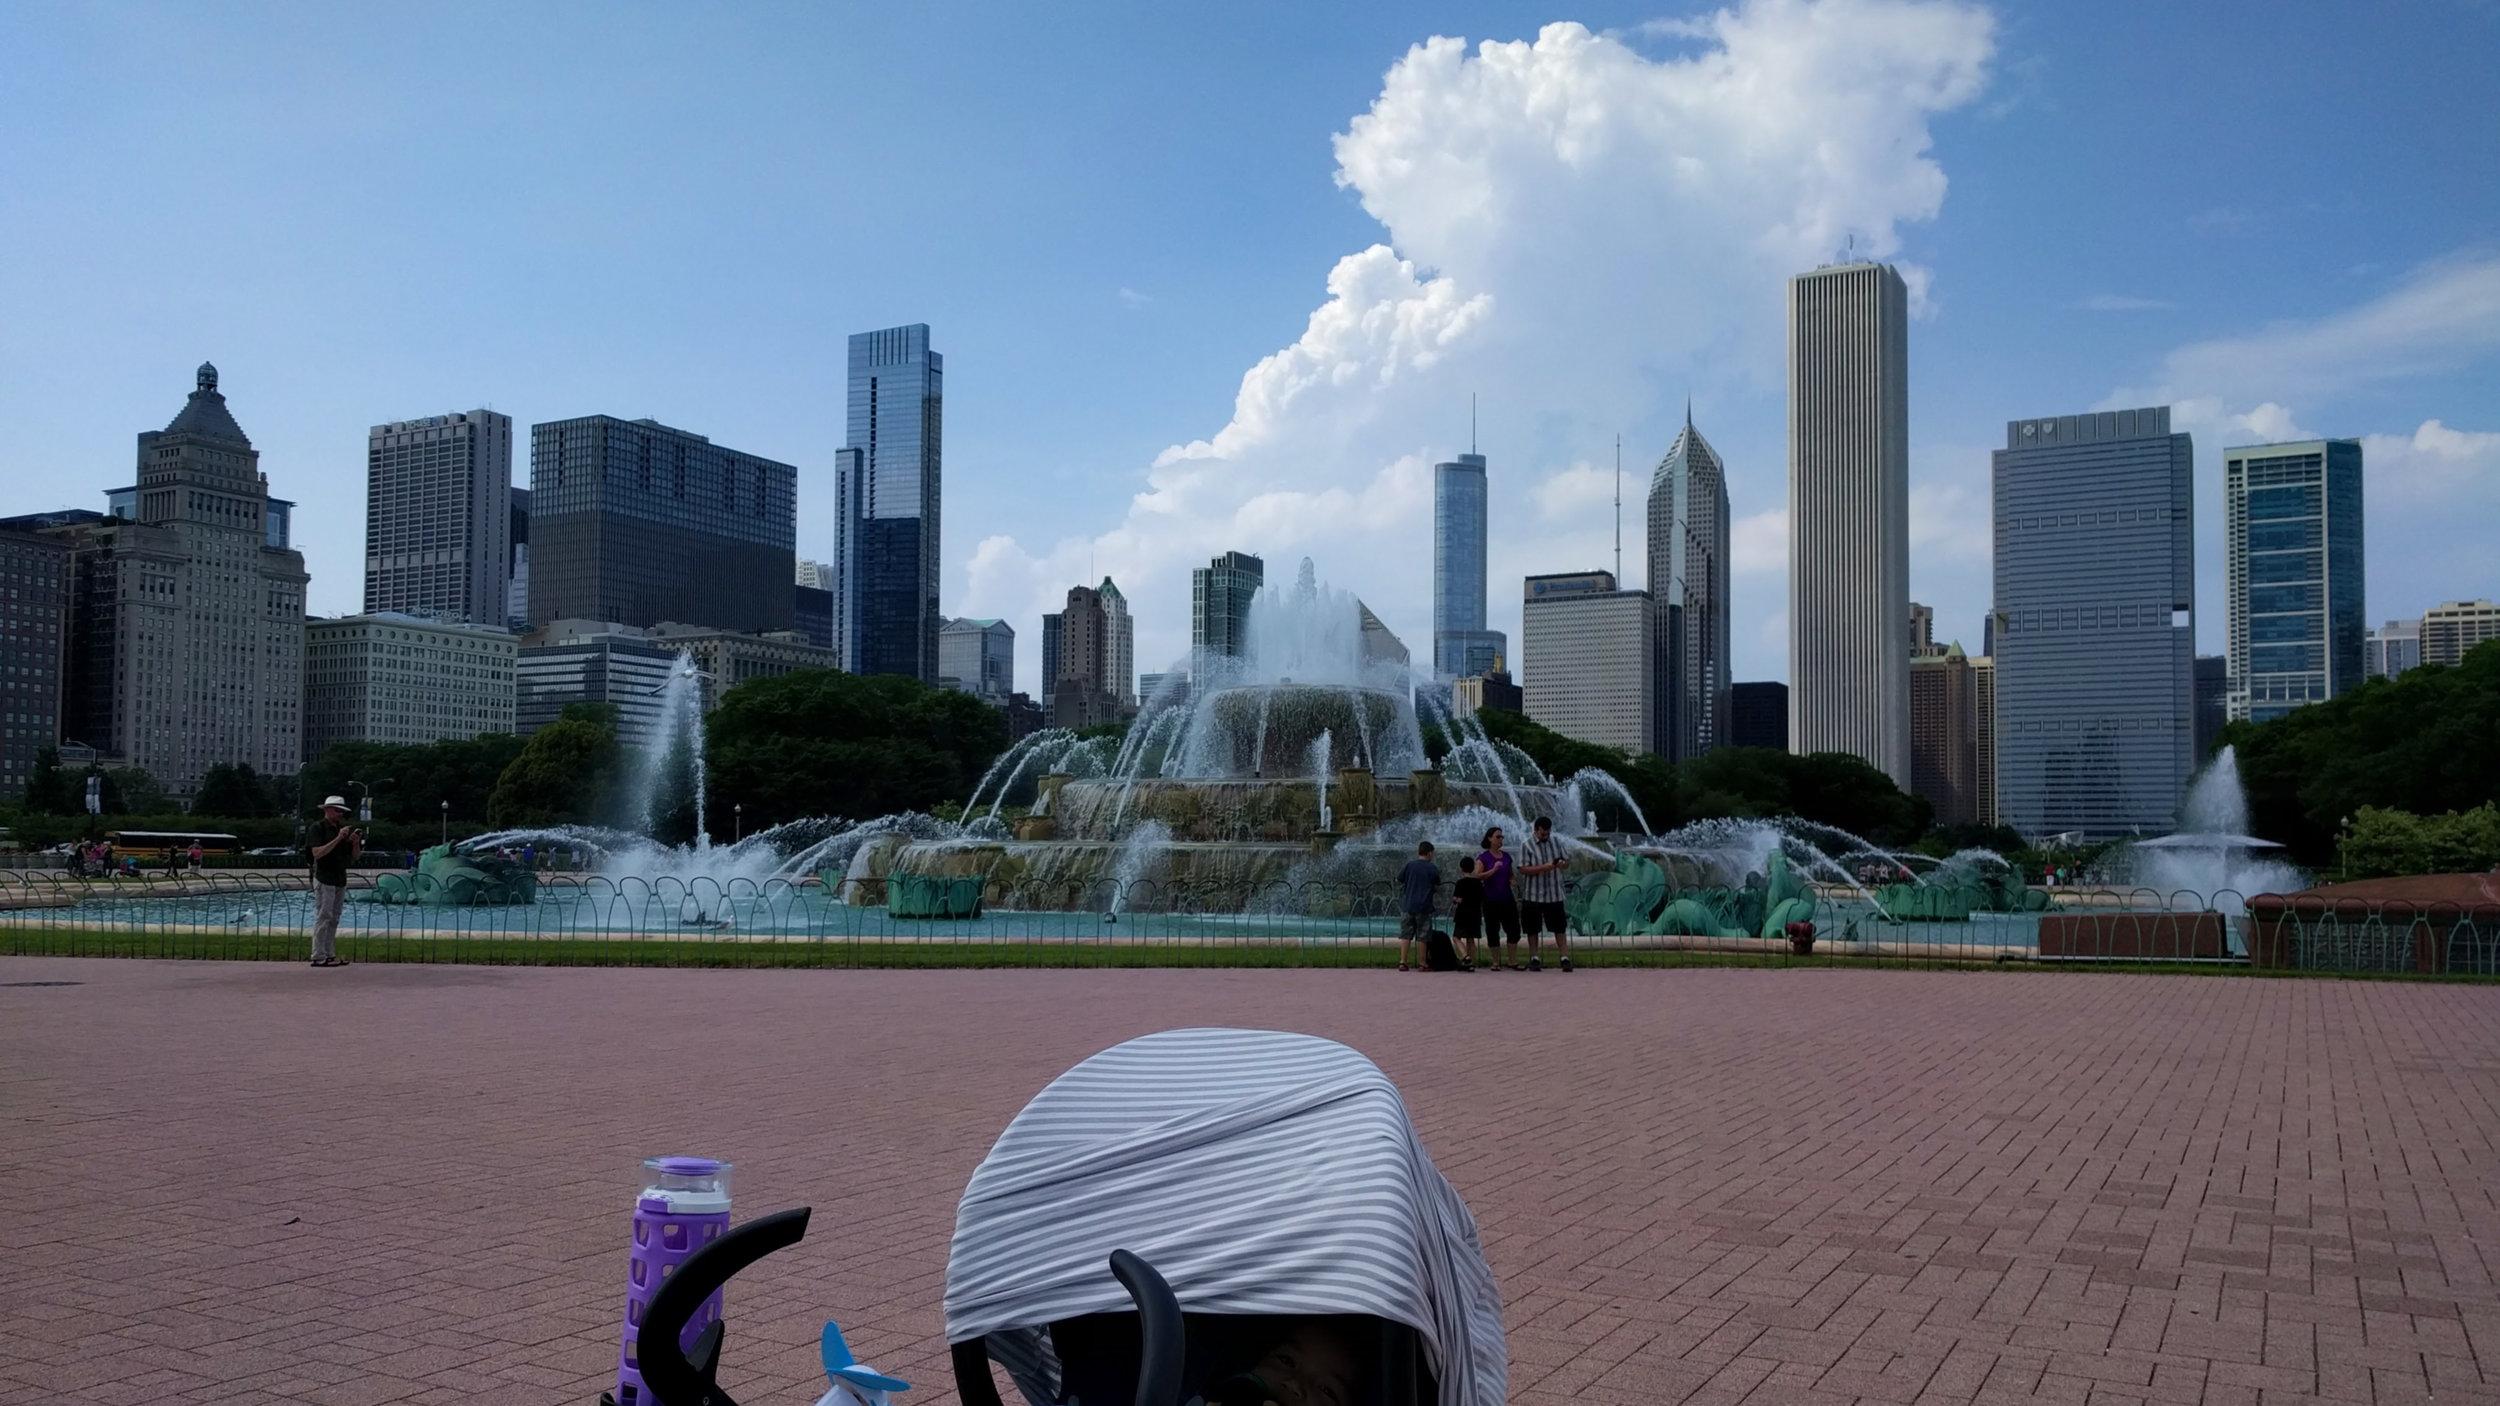 Elden strolling around Grant Park in Chicago, IL at 4 months old